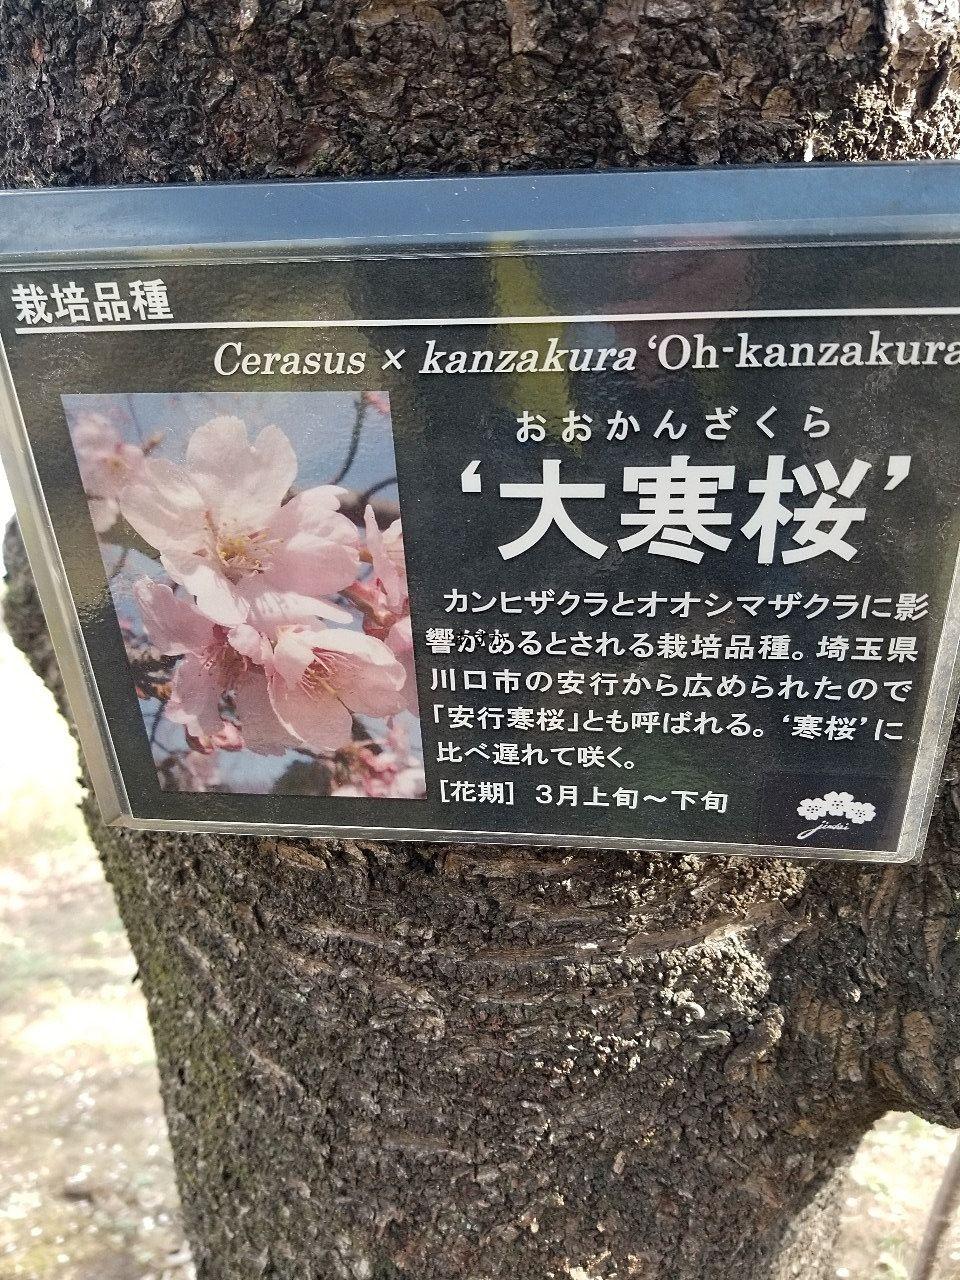 園内の花にはほぼ説明のプレートがあります。